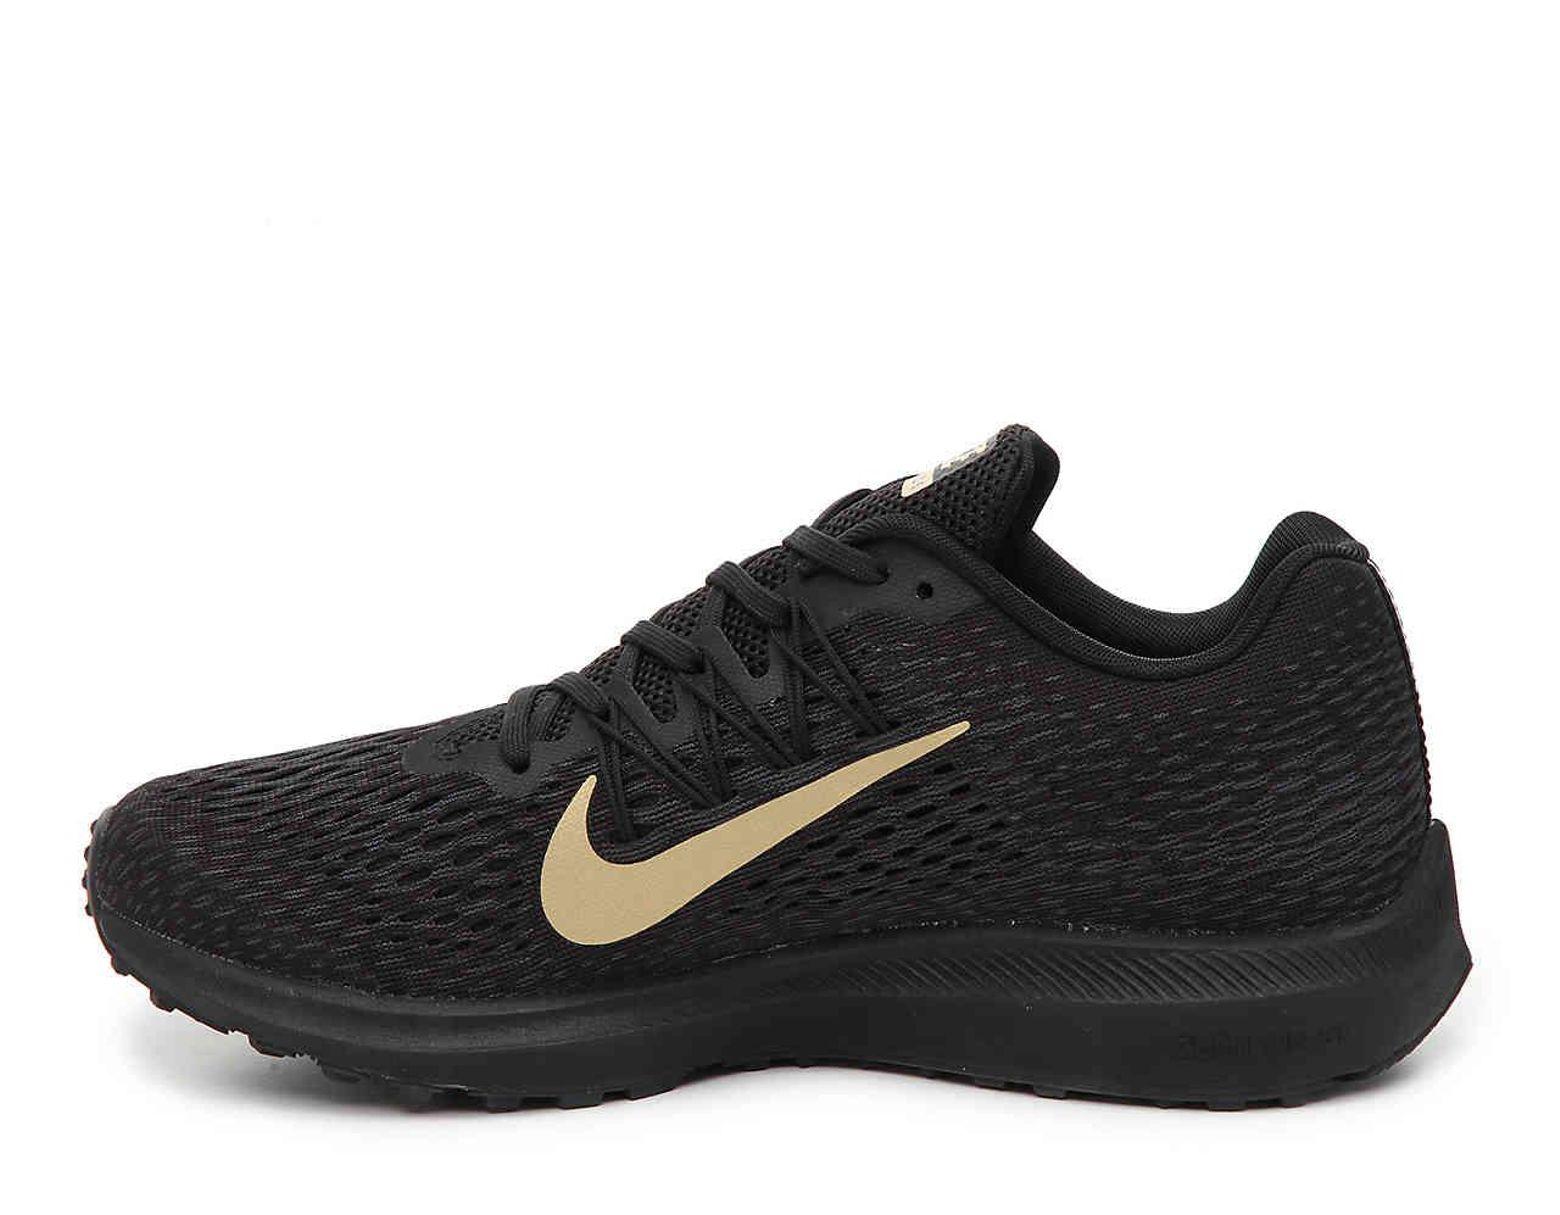 afaa562f44110 Nike Zoom Winflo 5 Running Shoe in Black - Lyst